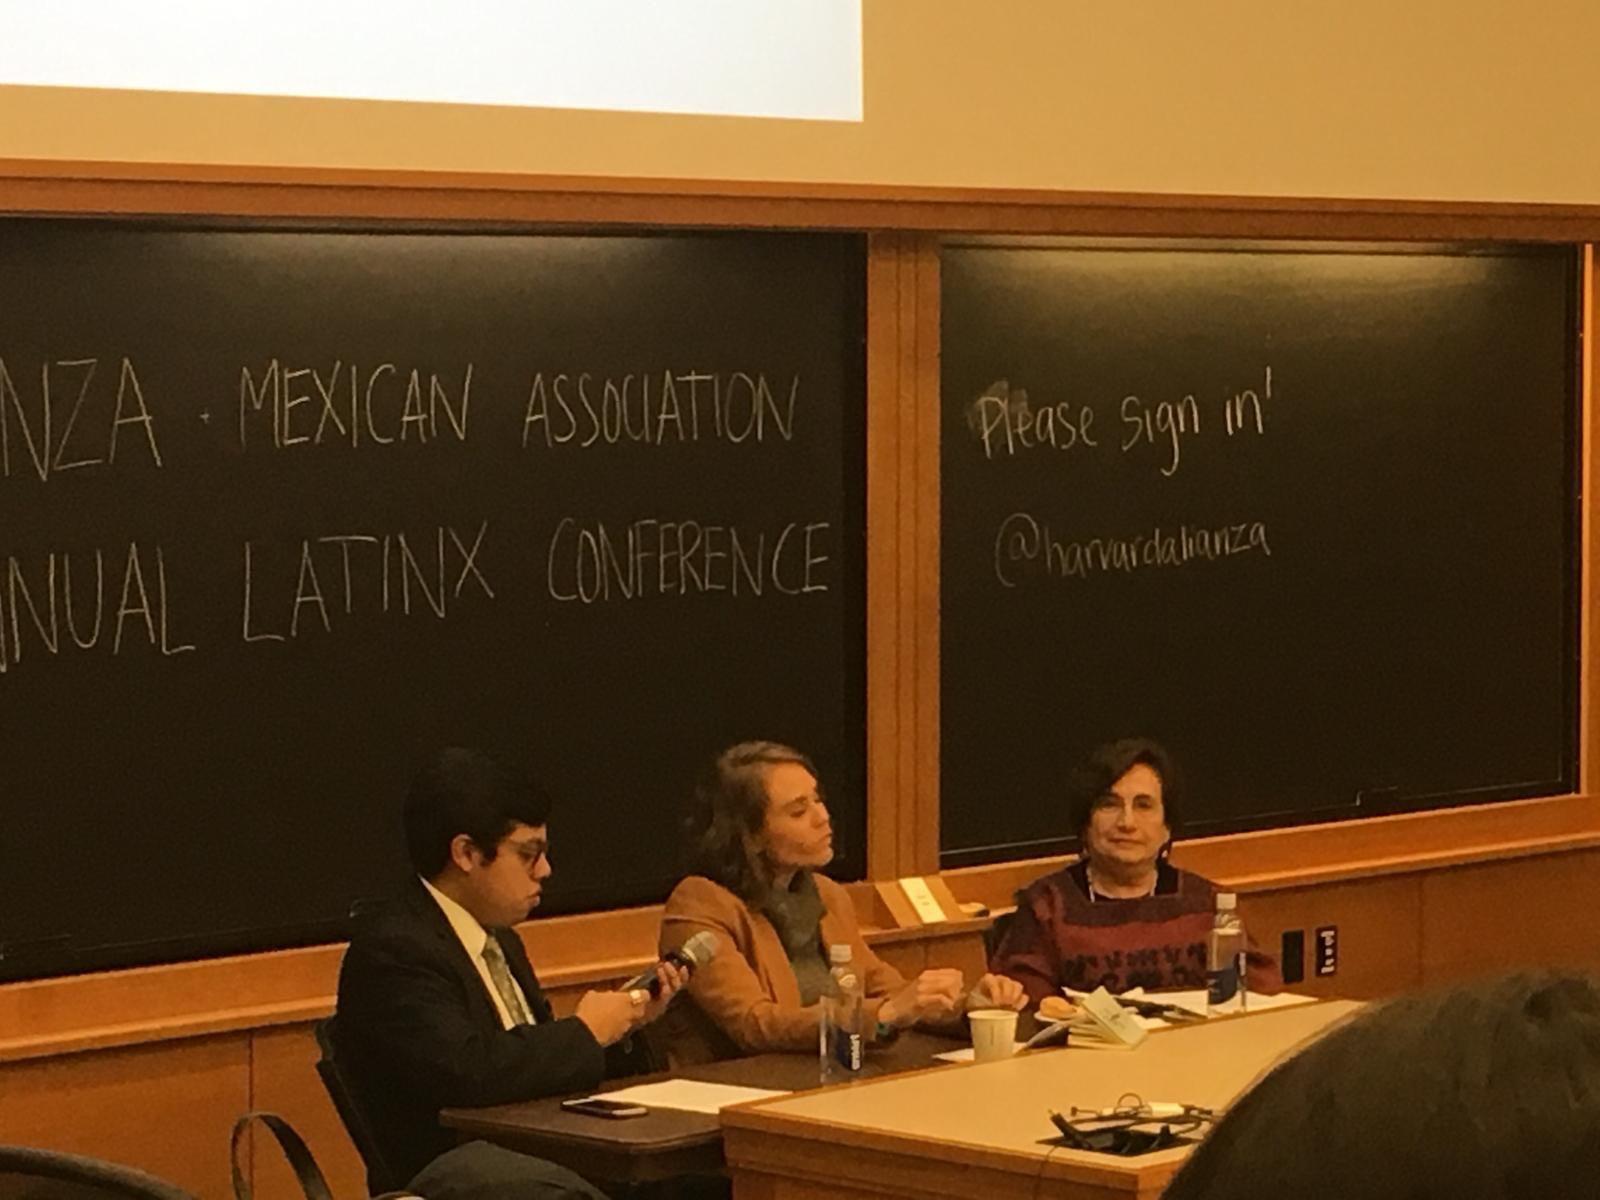 El mexicano que desnuda la identidad indígena en Harvard